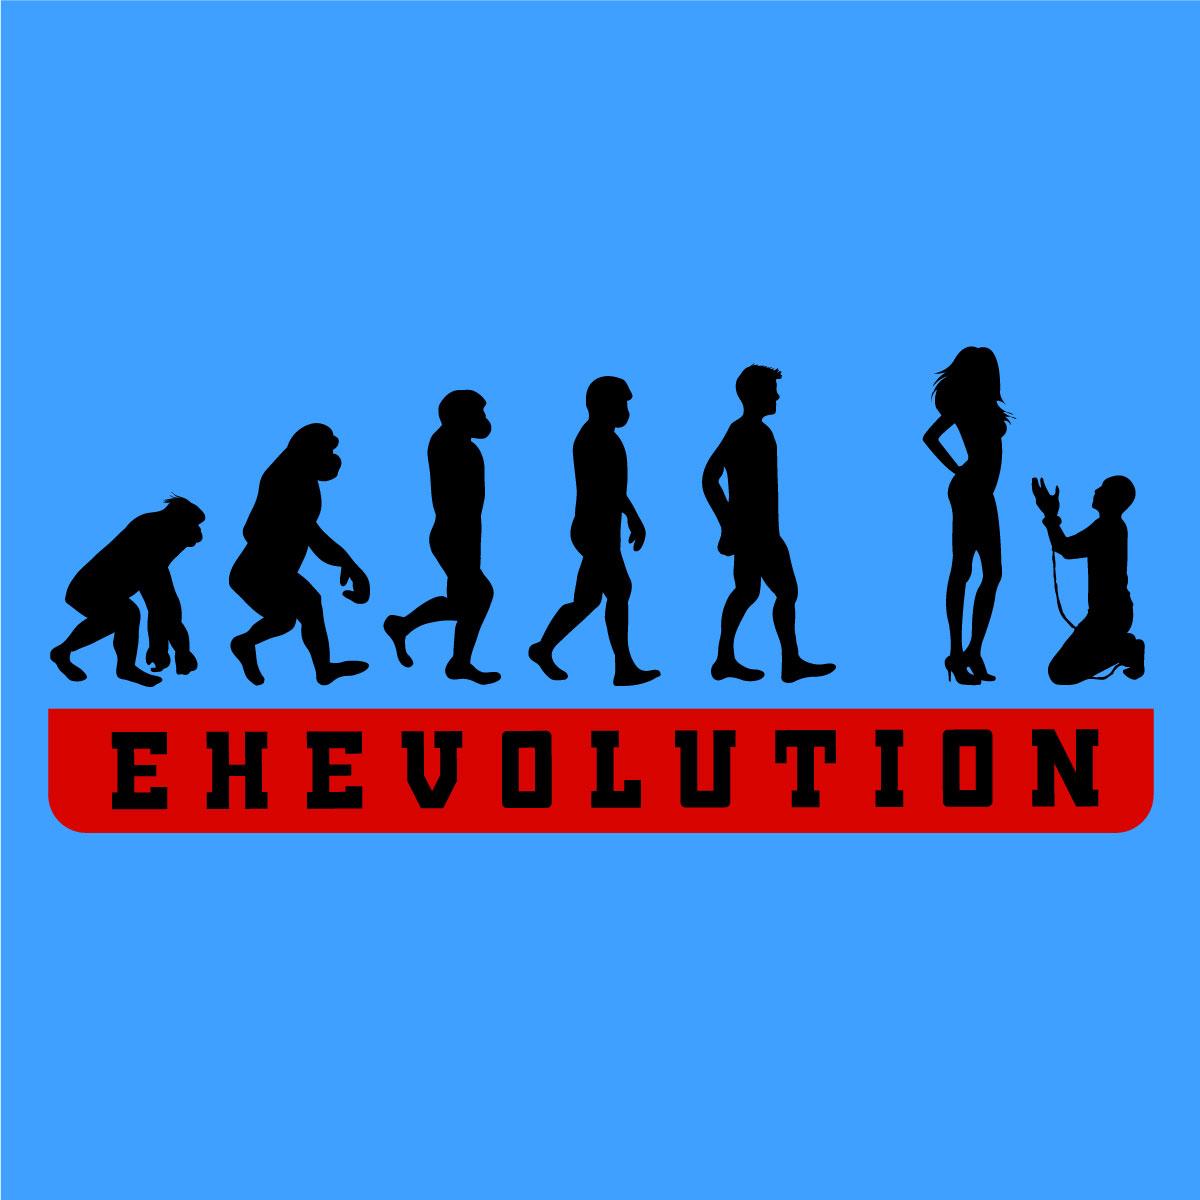 Ehevolution-Titelbild